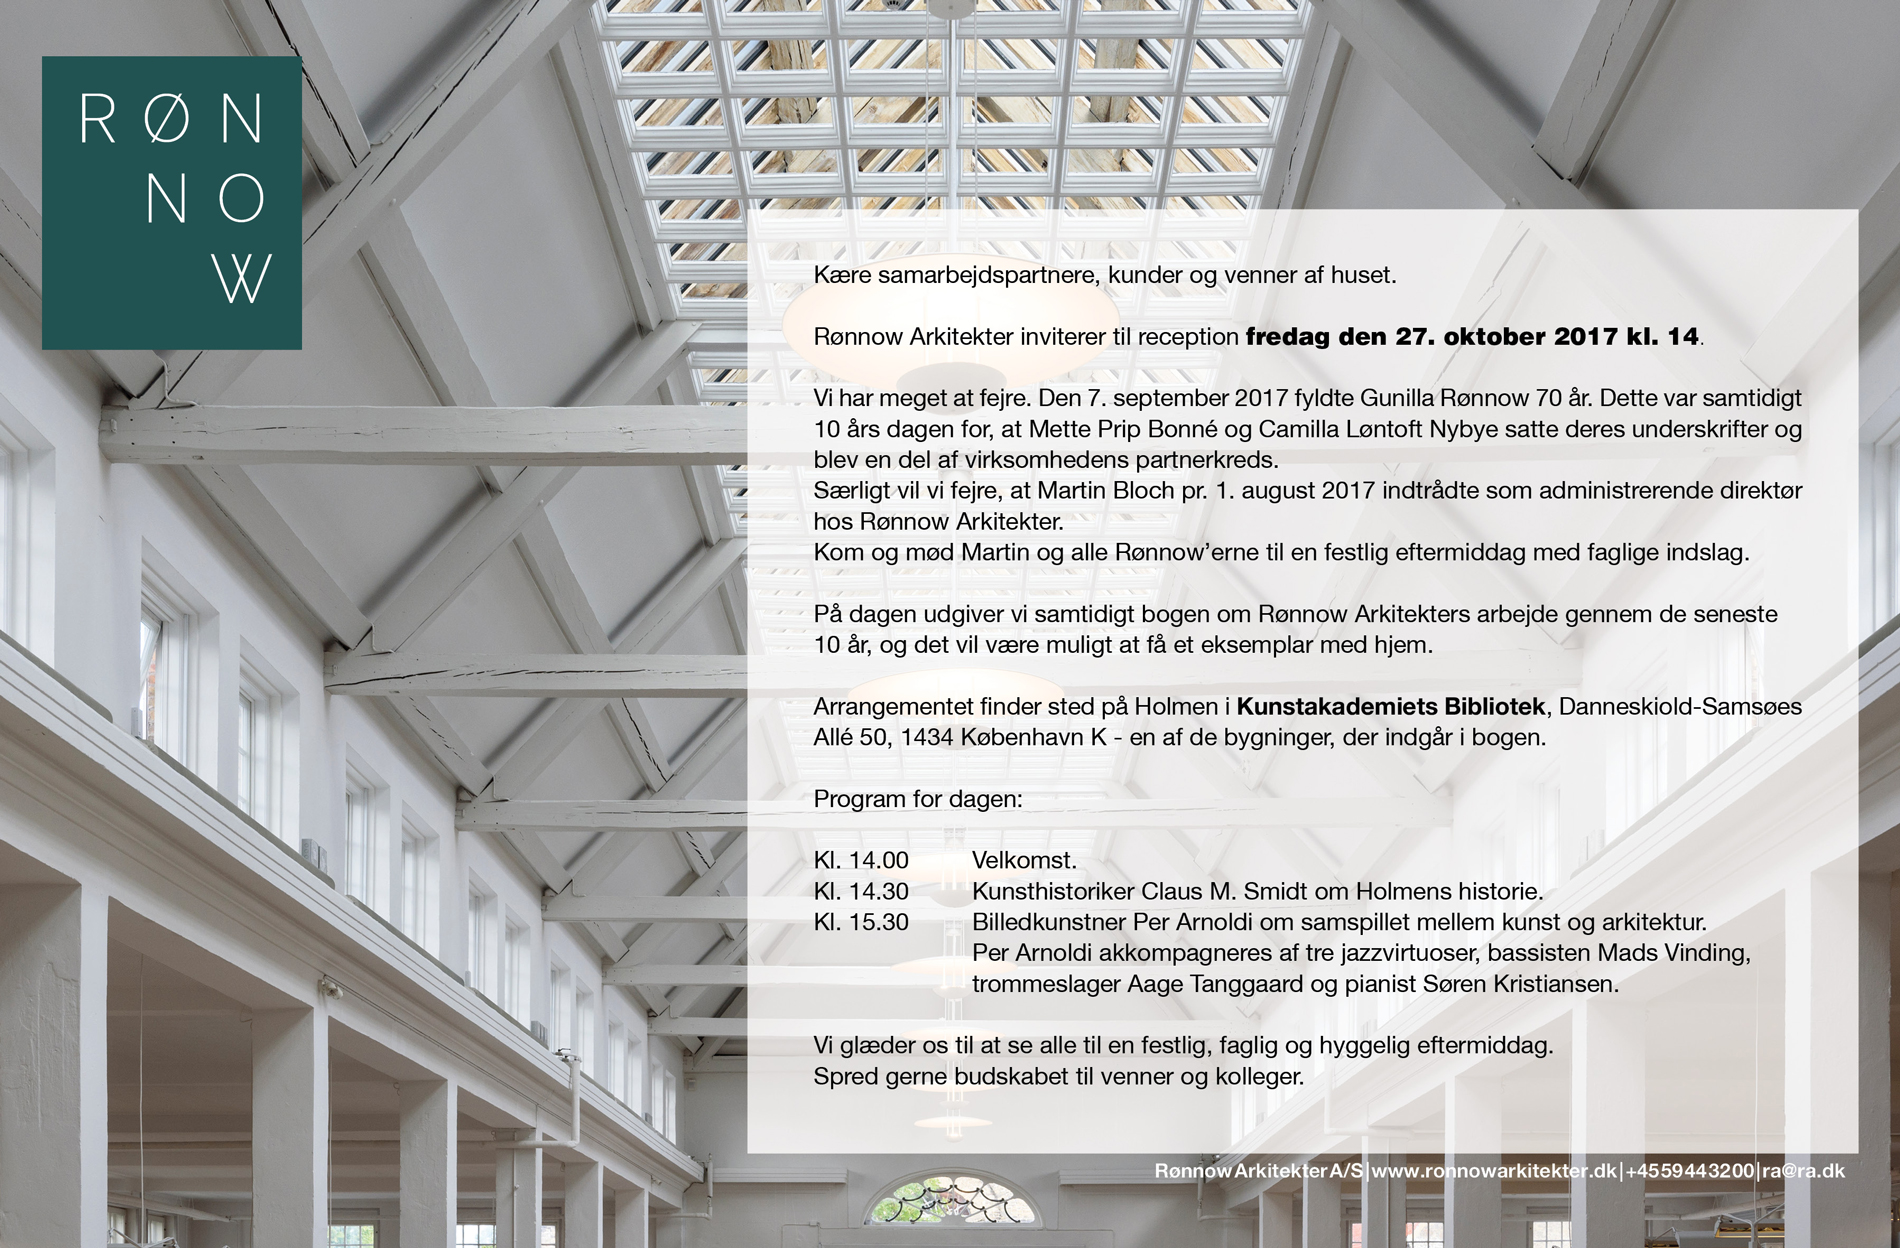 cb7c9d17cb3 Rønnow Arkitekter inviterer til reception fredag den 27. oktober 2017 kl.  14.